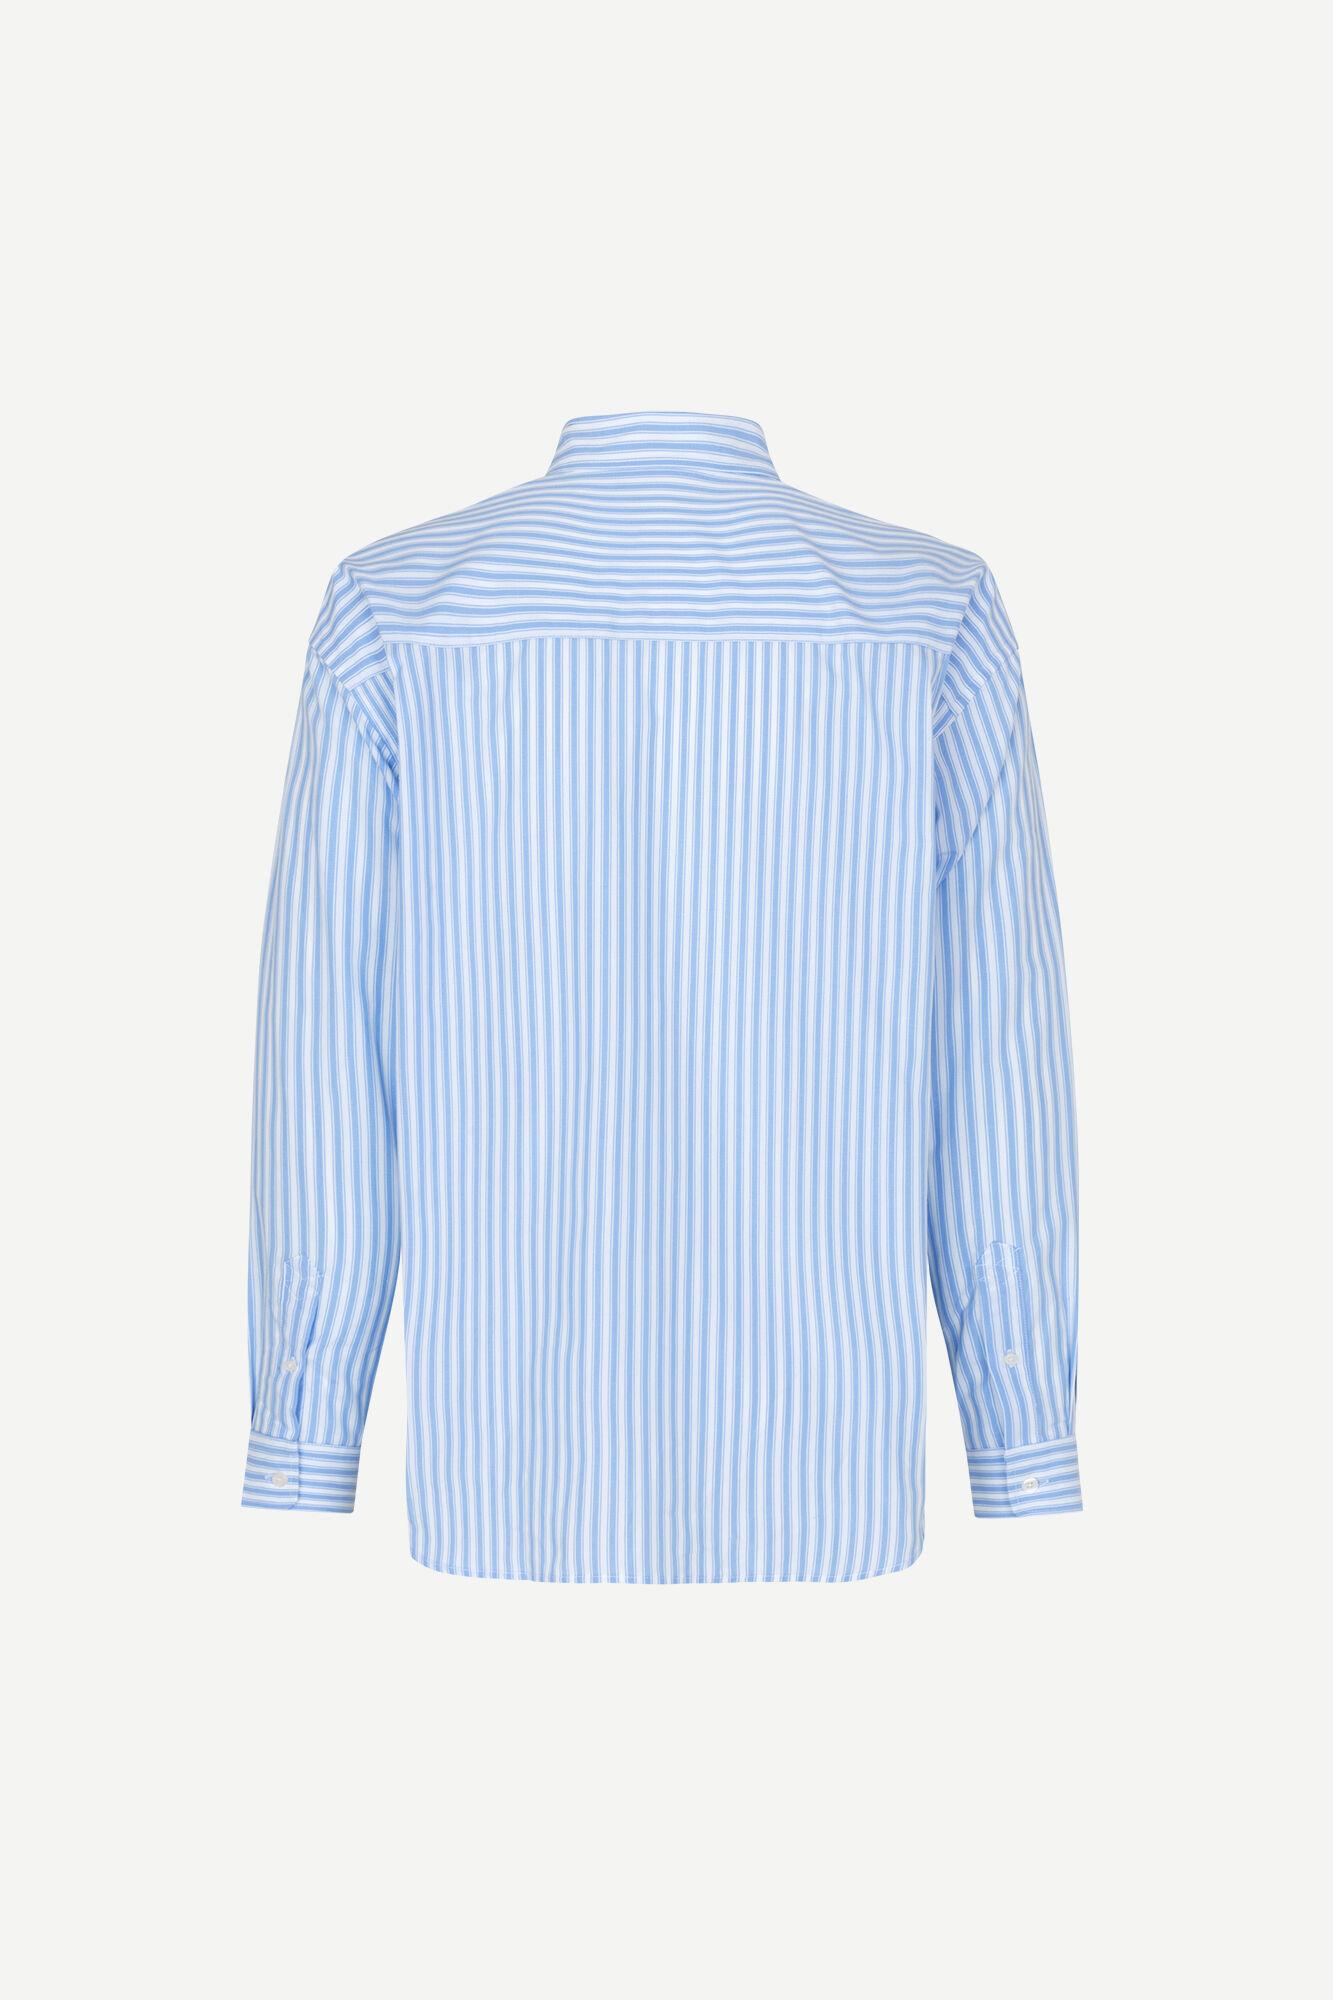 Luan J shirt 13072